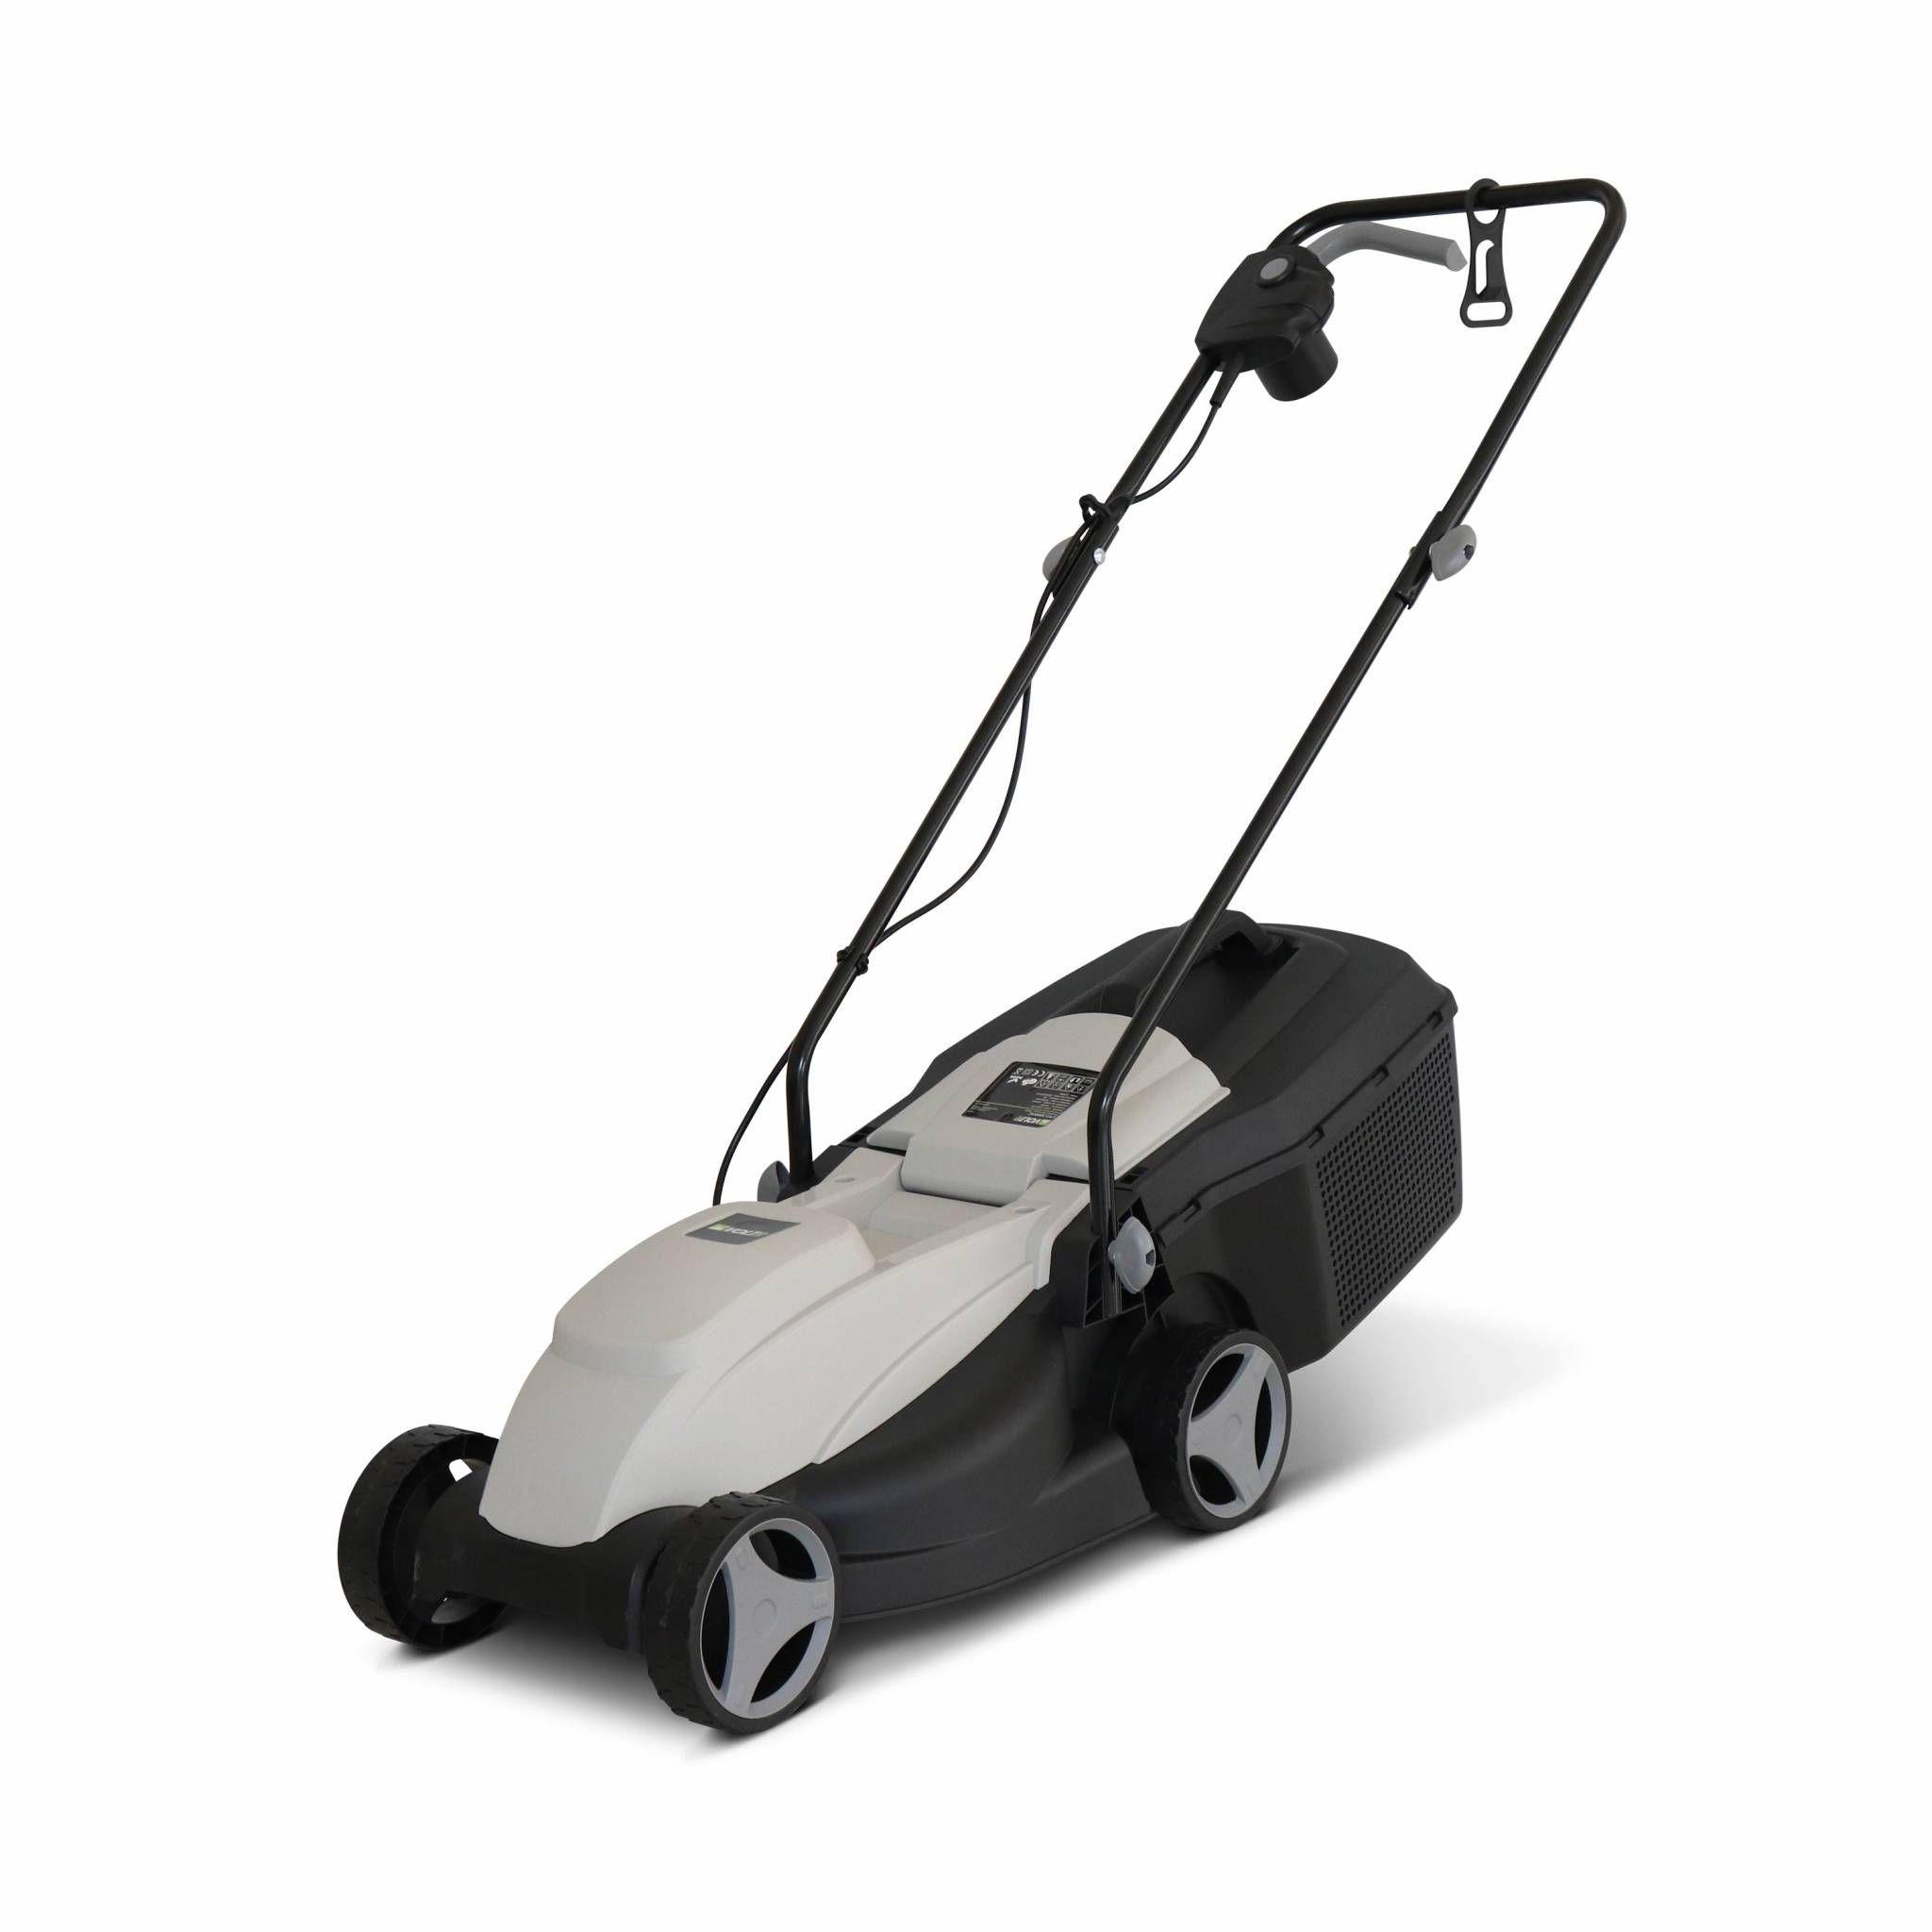 VOLTR – Tondeuse à gazon électrique 1300W – récupérateur d'herbe 25L, diamètre de coupe 32cm, compacte et maniable